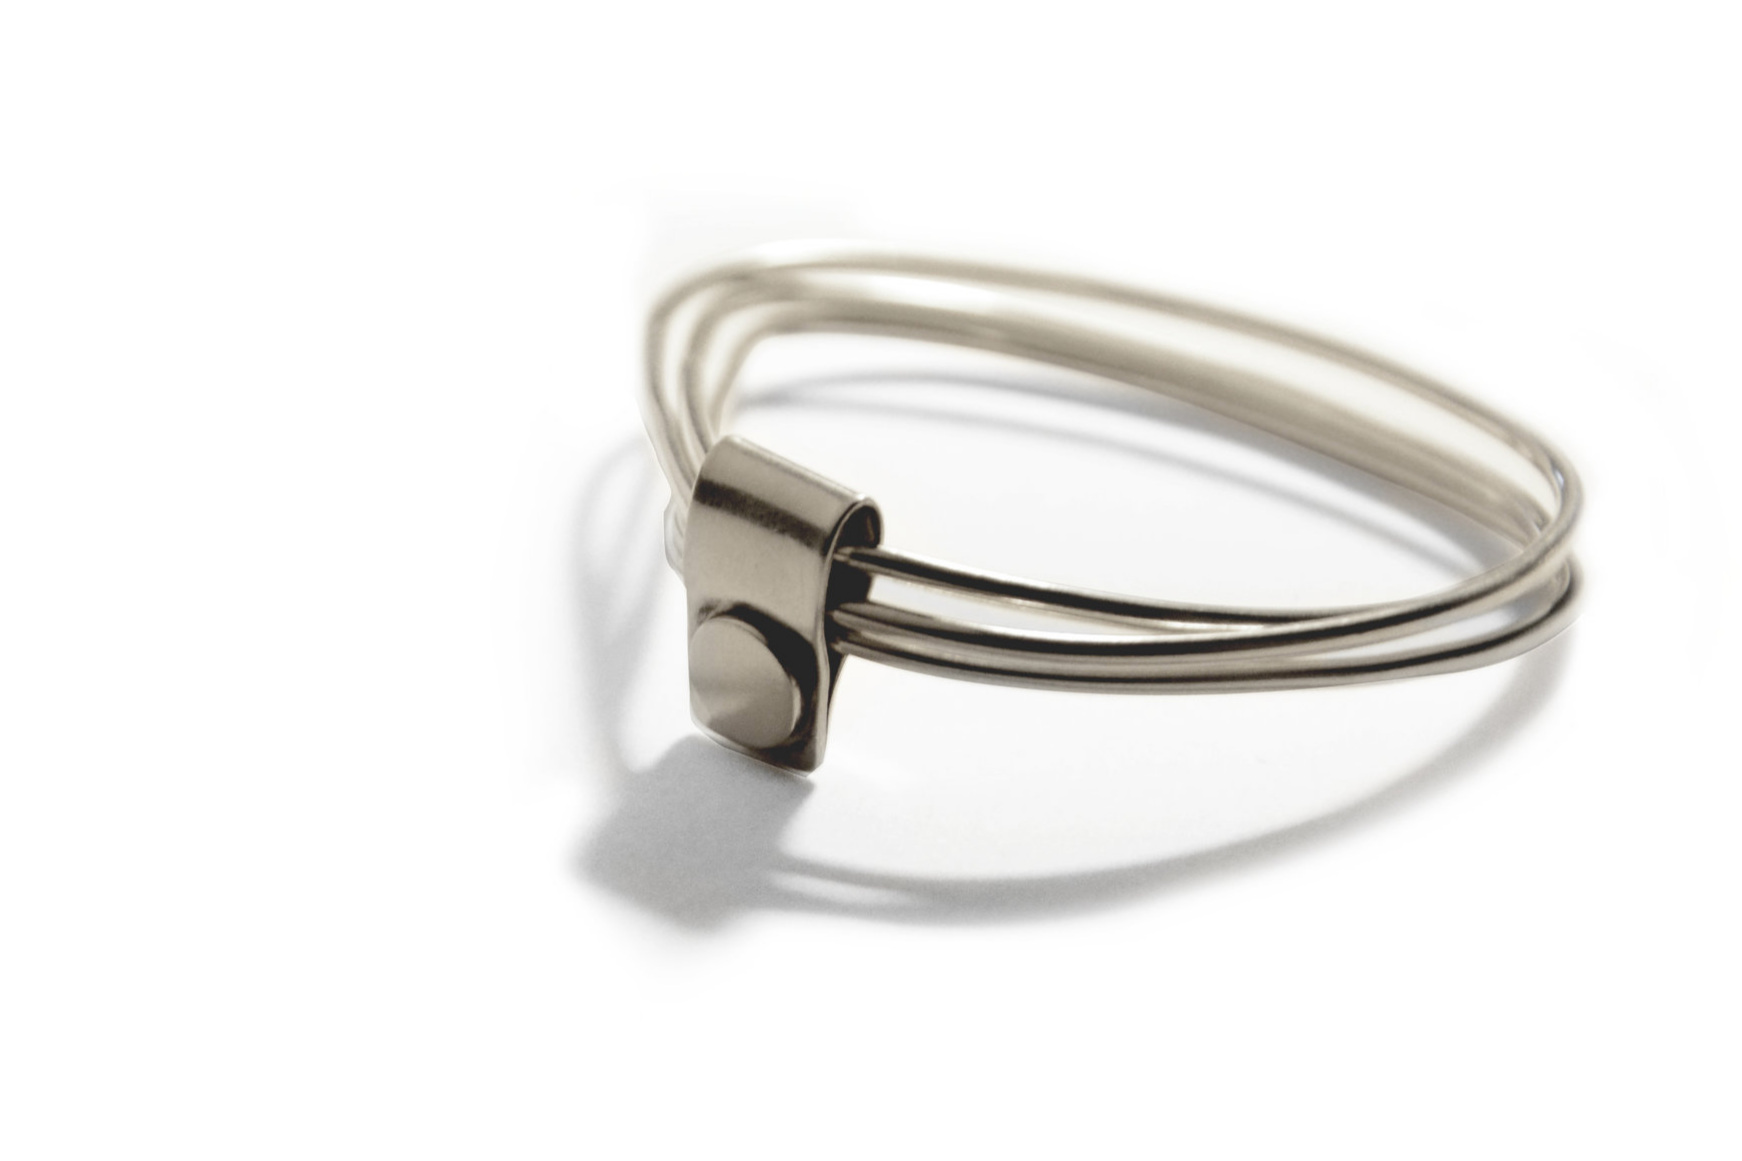 Silverssmycken - Se flera smycken från Grund Silver & Form